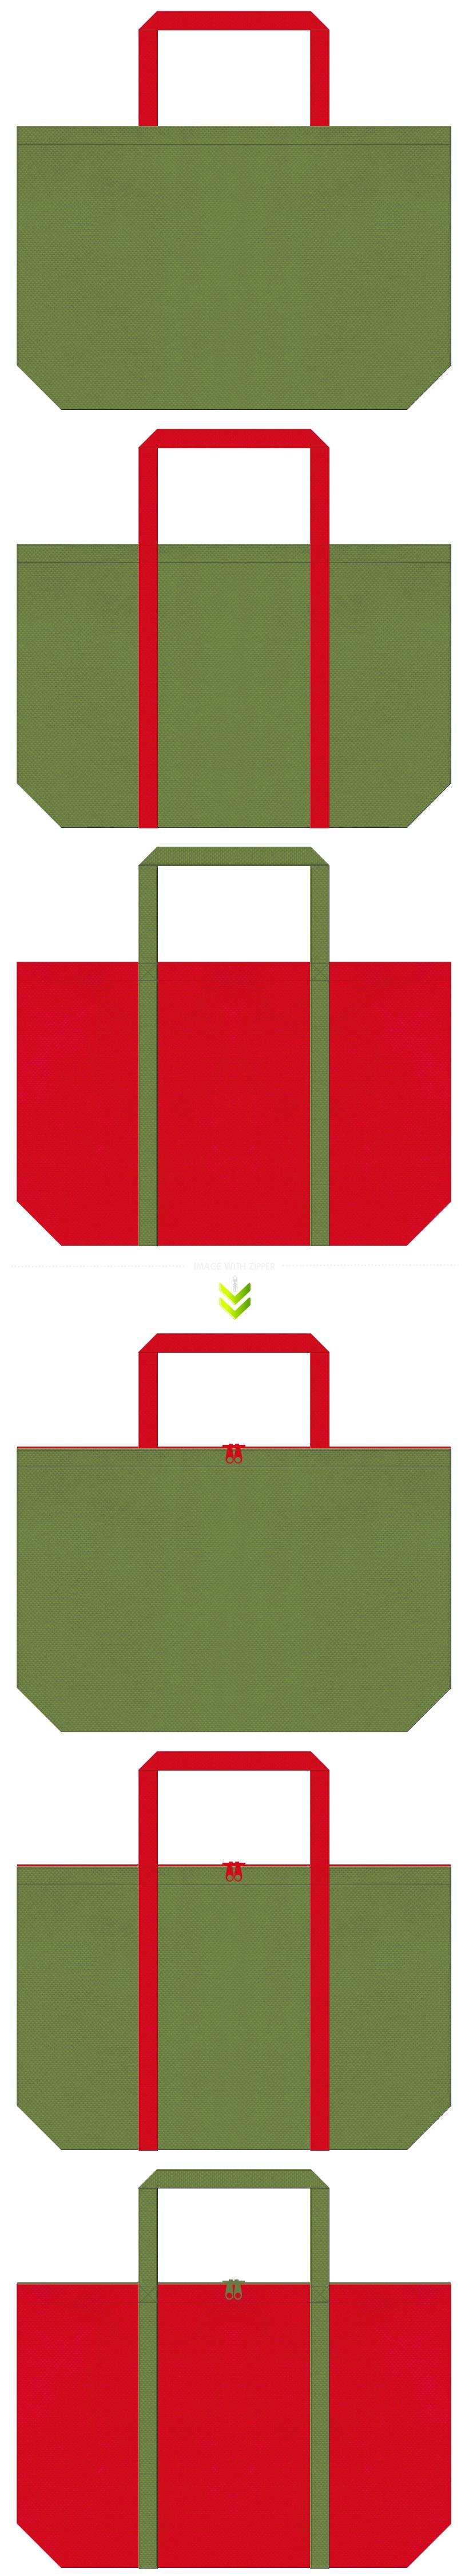 草色と紅色の不織布バッグデザイン。和雑貨のショッピングバッグや茶会、野点傘のイメージにお奨めです。